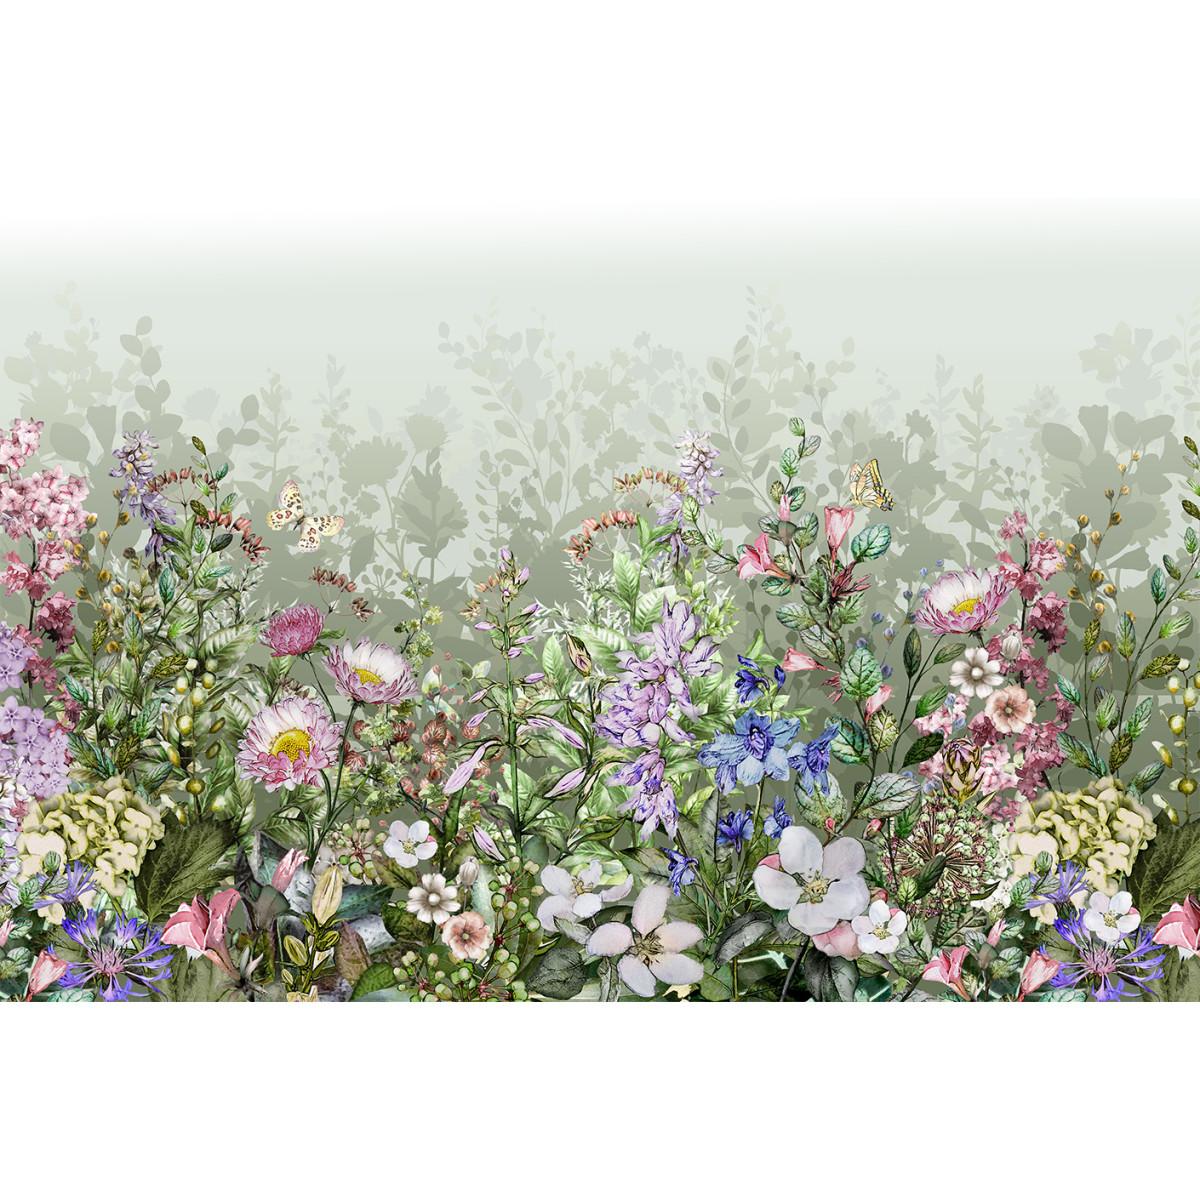 Фотообои МИР Полевые цветы MIR-6054-V4 380х270 см